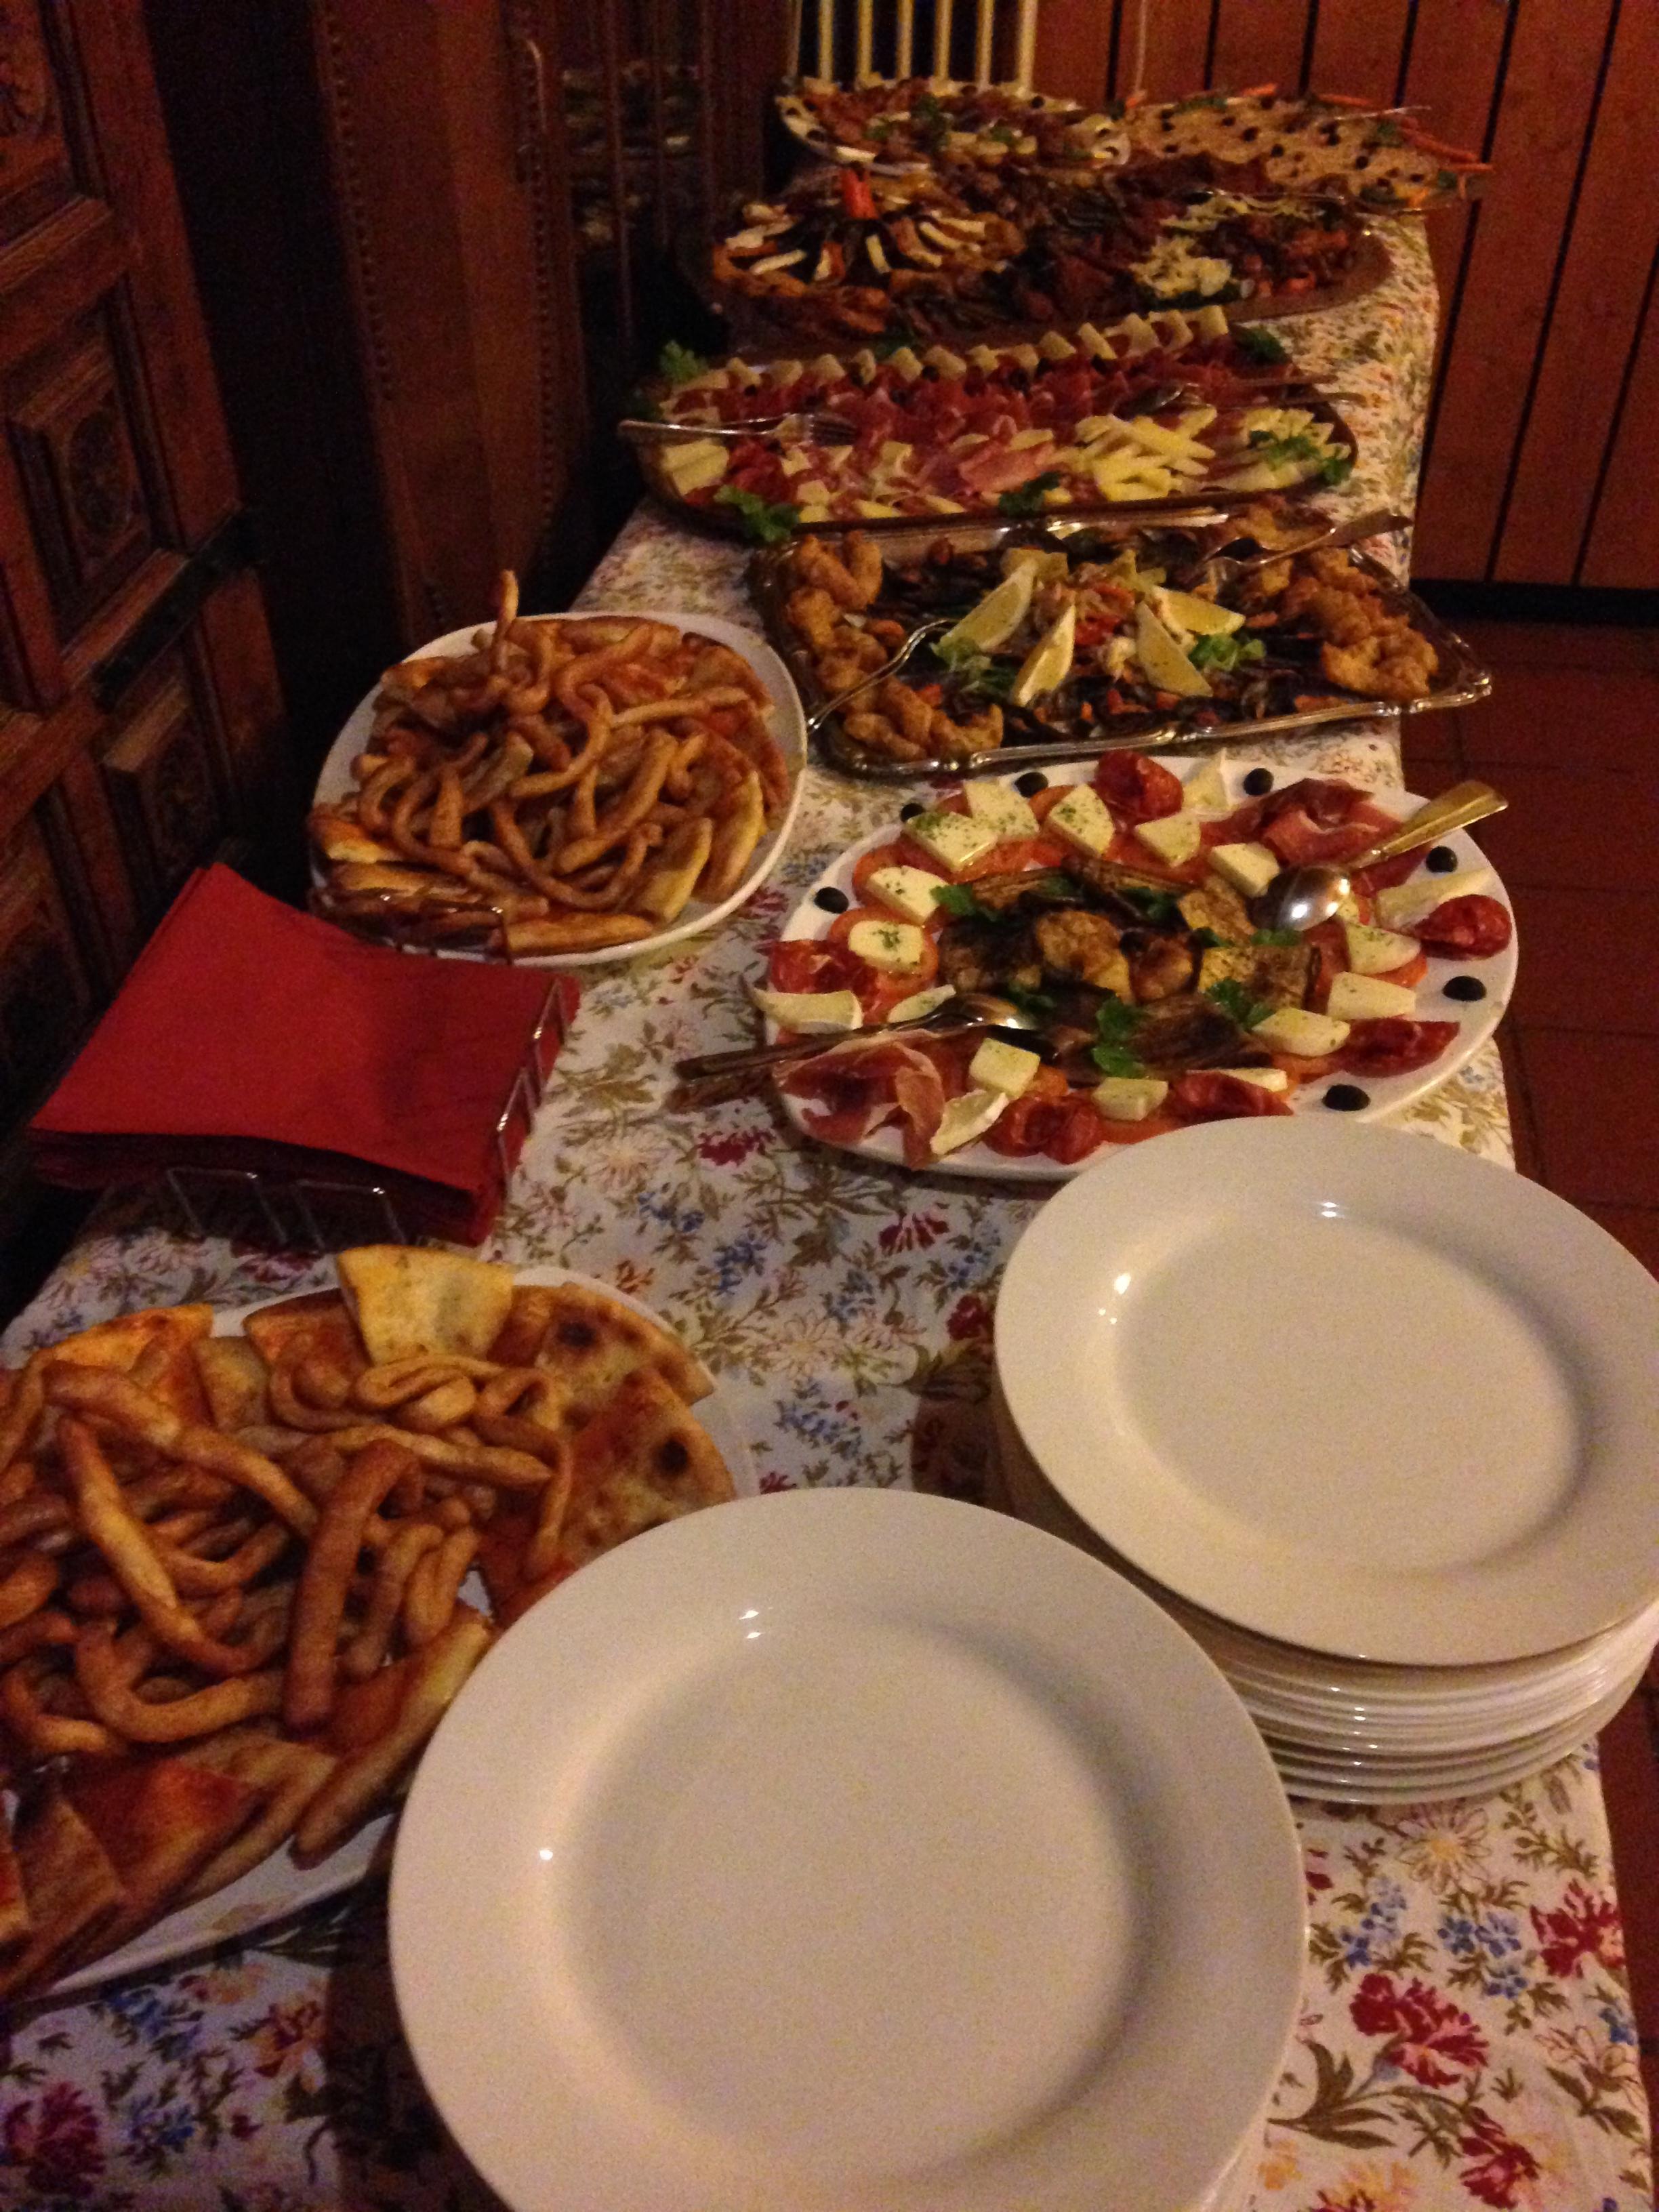 il mangiare - Lust auf Essen - 2016-12-22 - (Zeit 15-49-50)